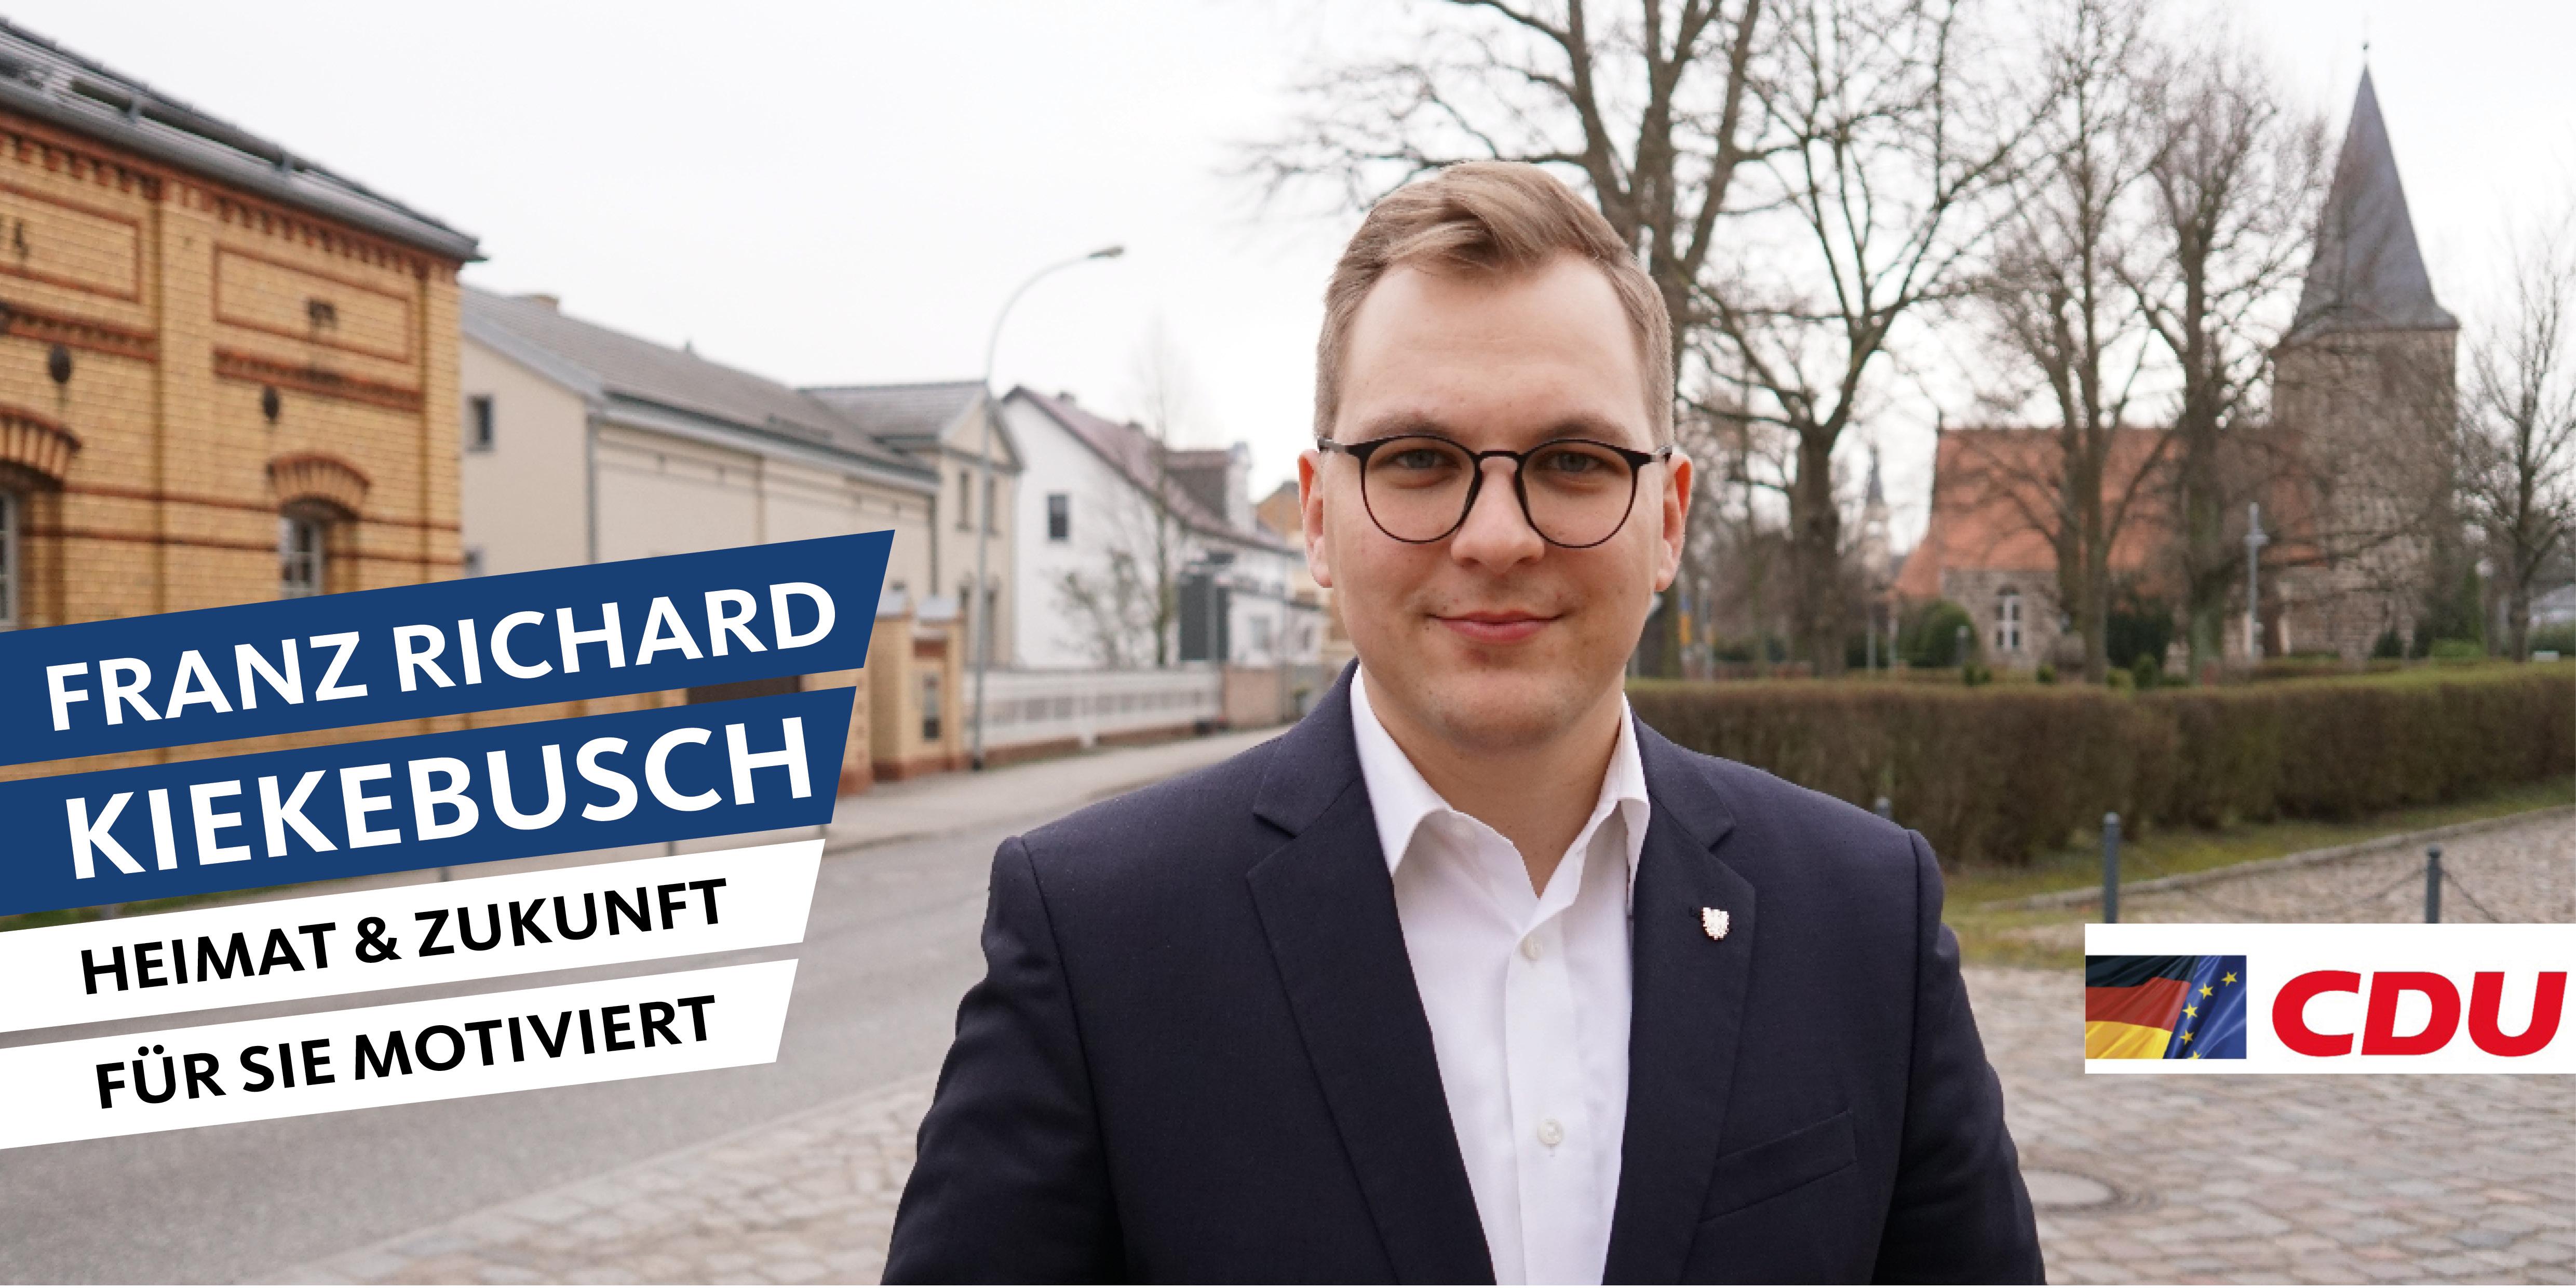 Franz Richard Kiekebusch